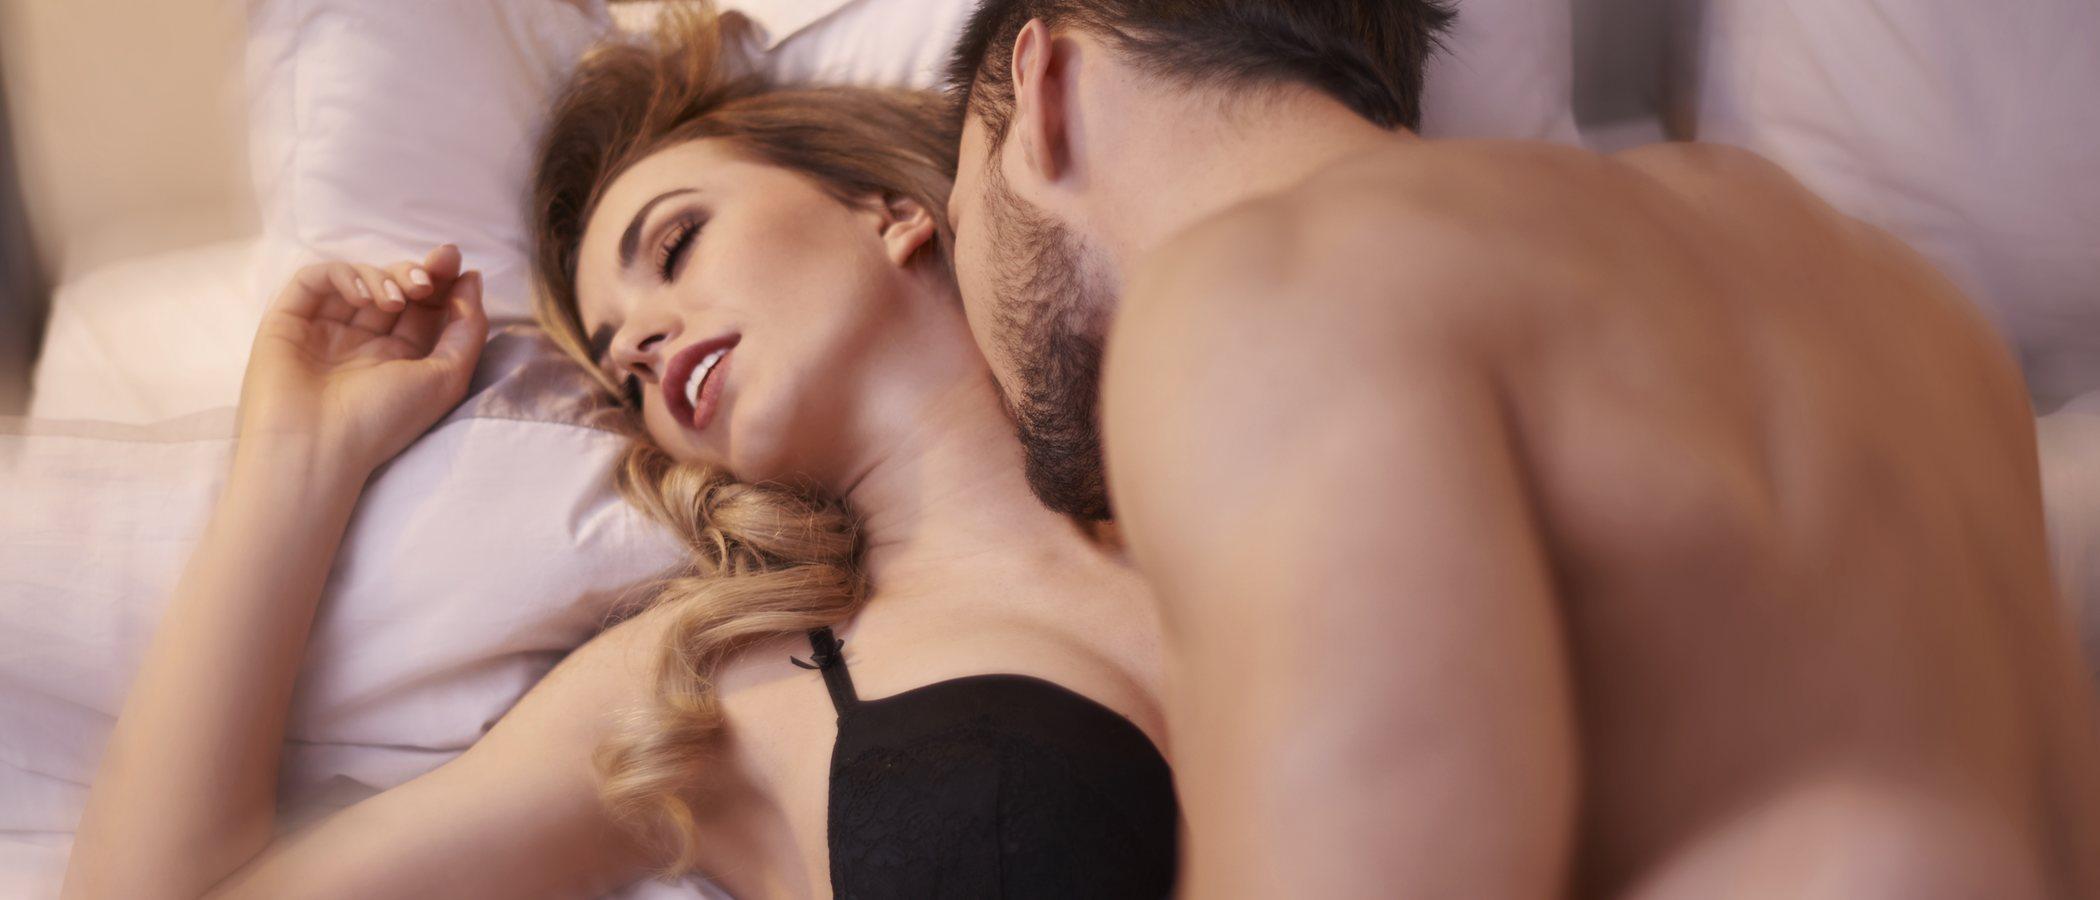 Horóscopo sexual octubre 2019: Géminis